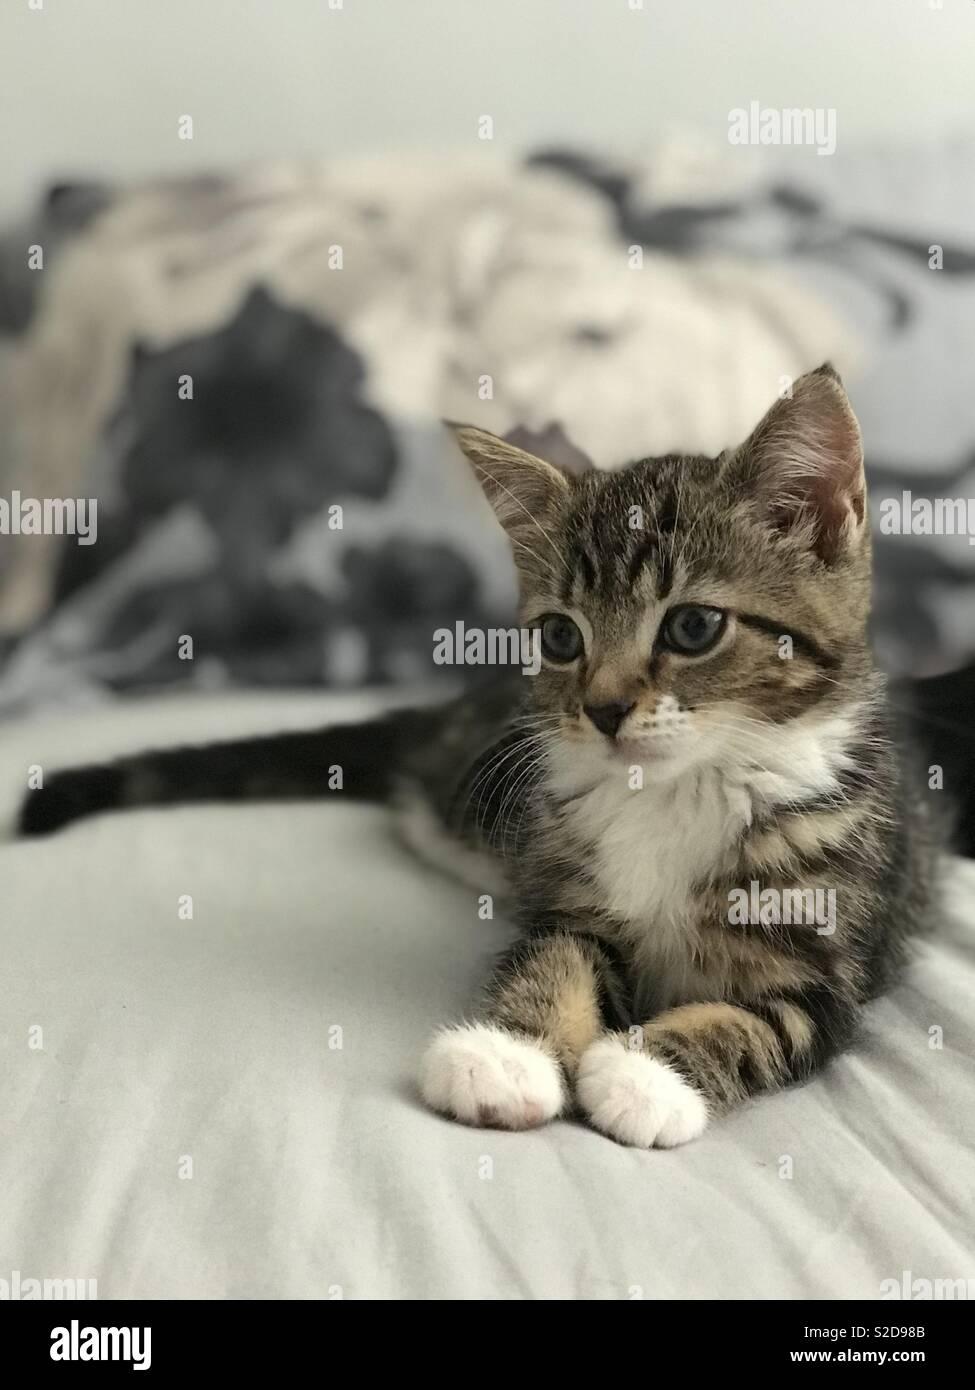 Sassy Kitten 4 - Stock Image